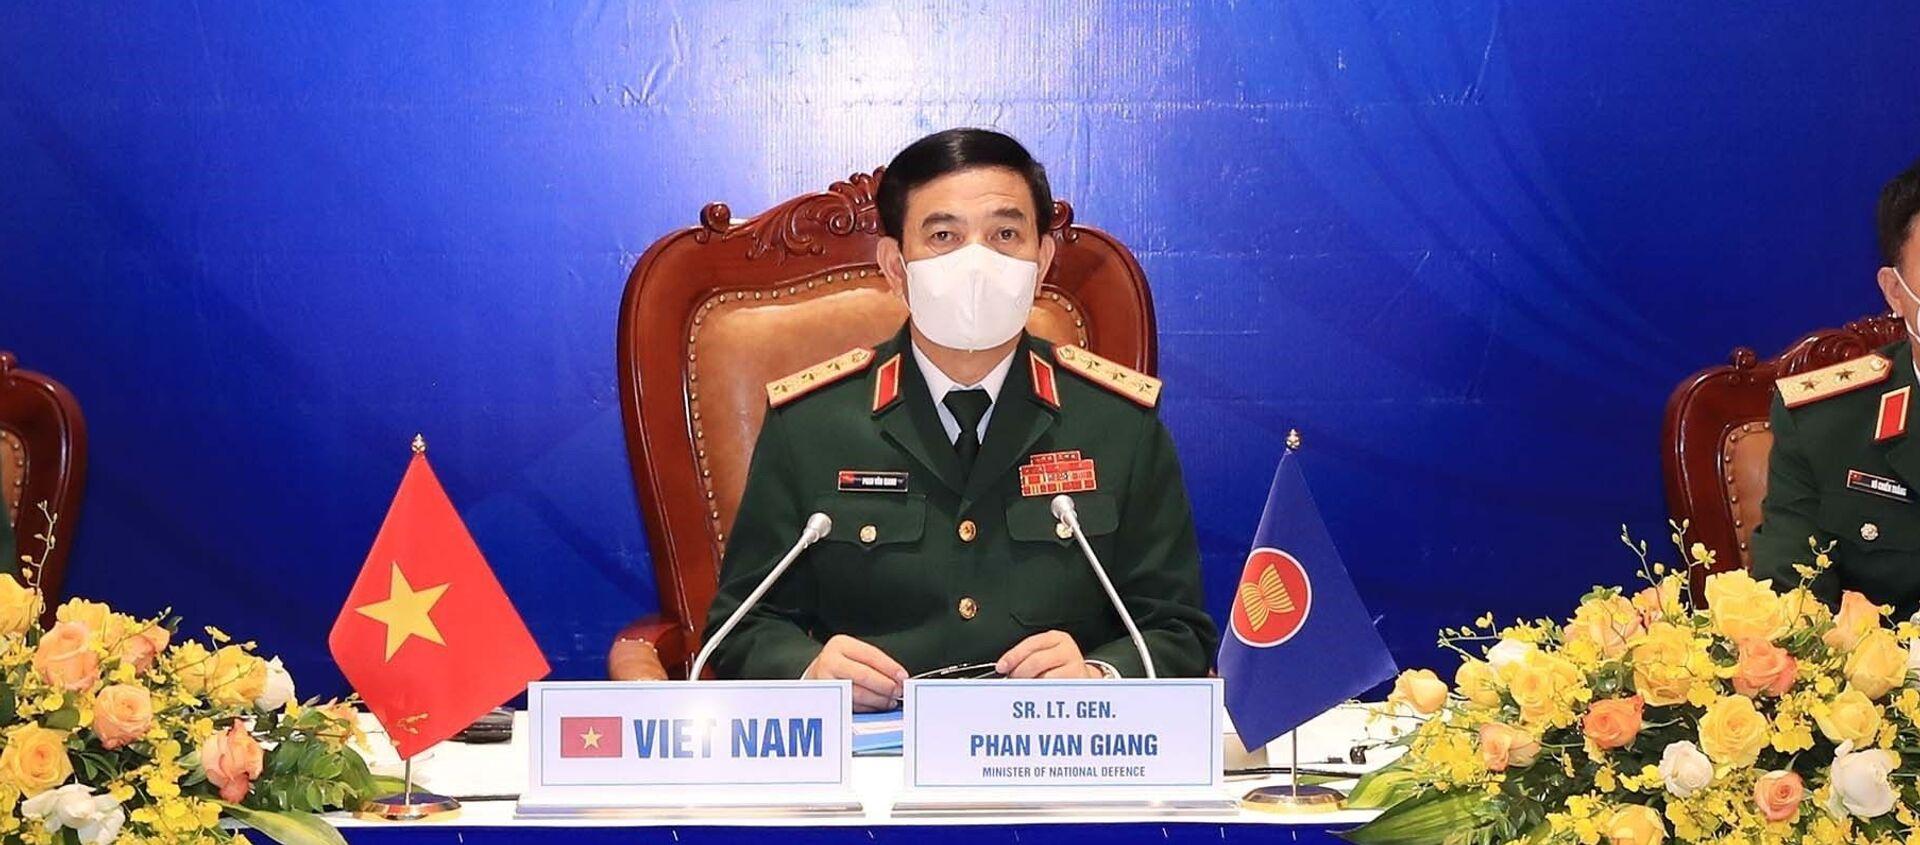 Thượng tướng Phan Văn Giang, Bộ trưởng Bộ Quốc phòng tham dự Hội nghị Bộ trưởng Quốc phòng các nước ASEAN lần thứ 15 - Sputnik Việt Nam, 1920, 15.06.2021